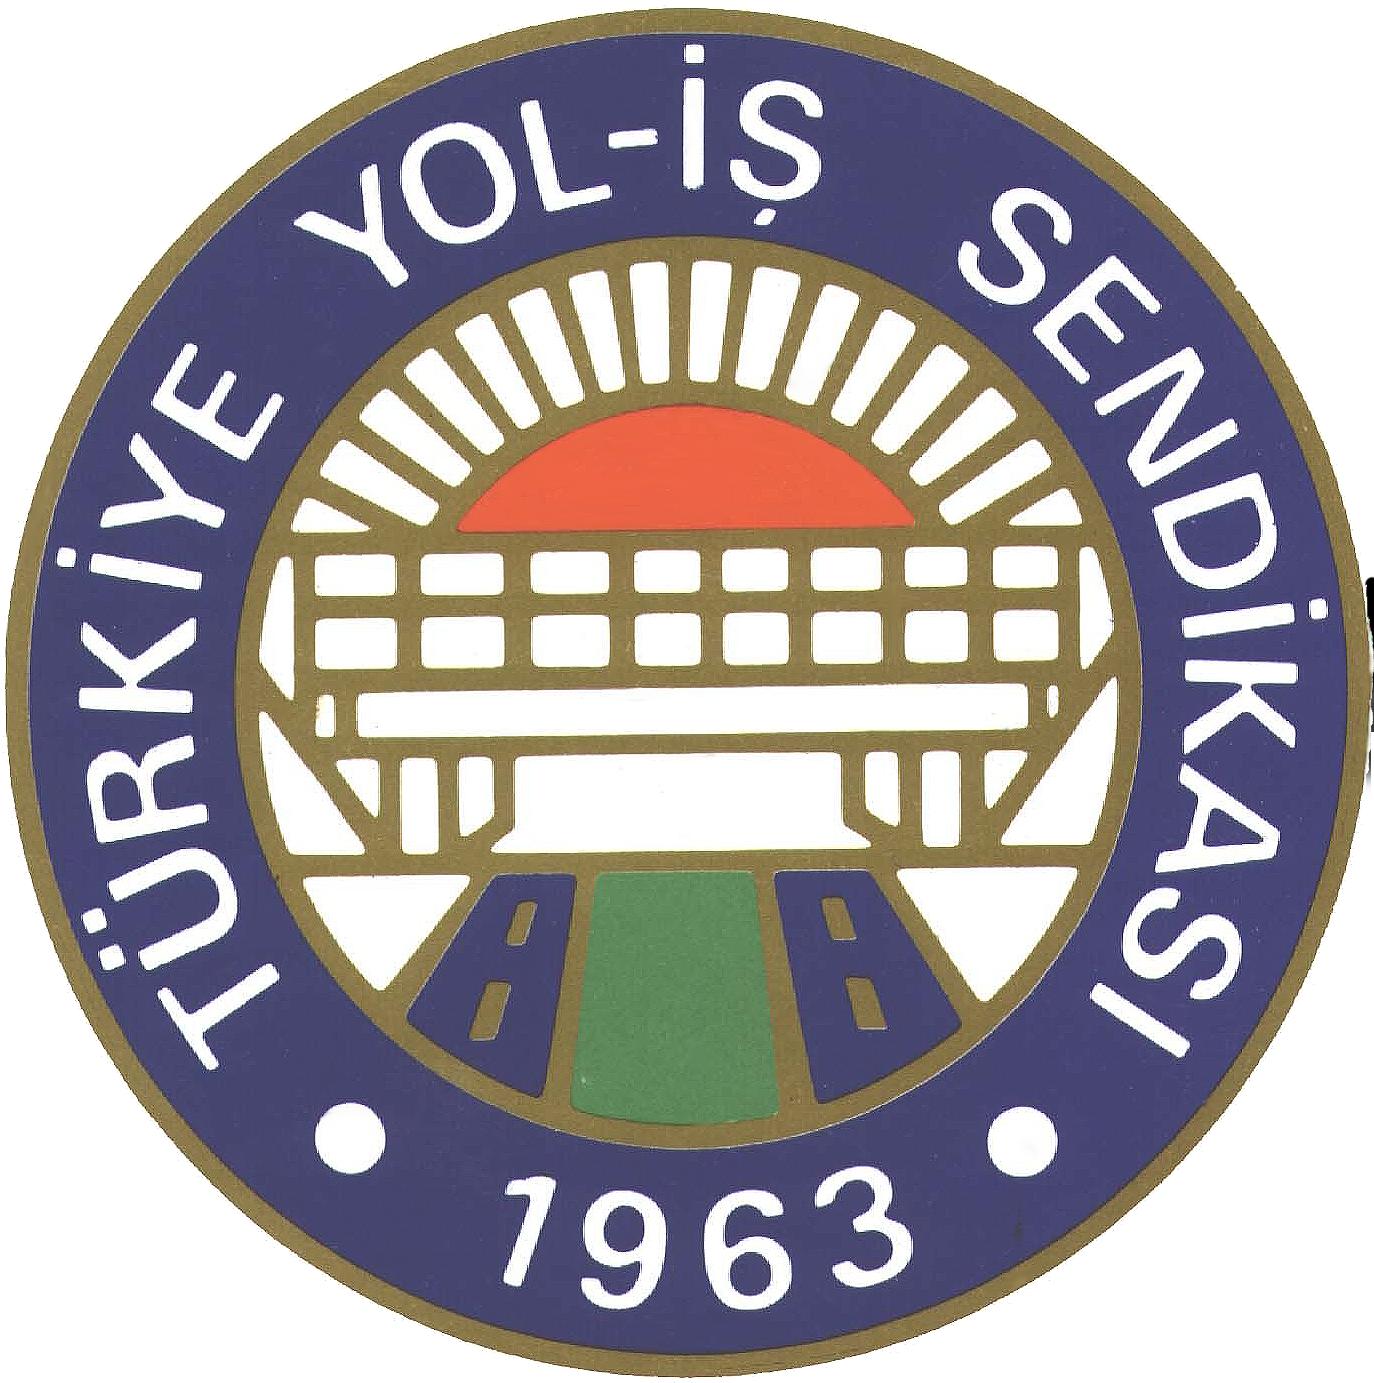 yol-is-logo-png